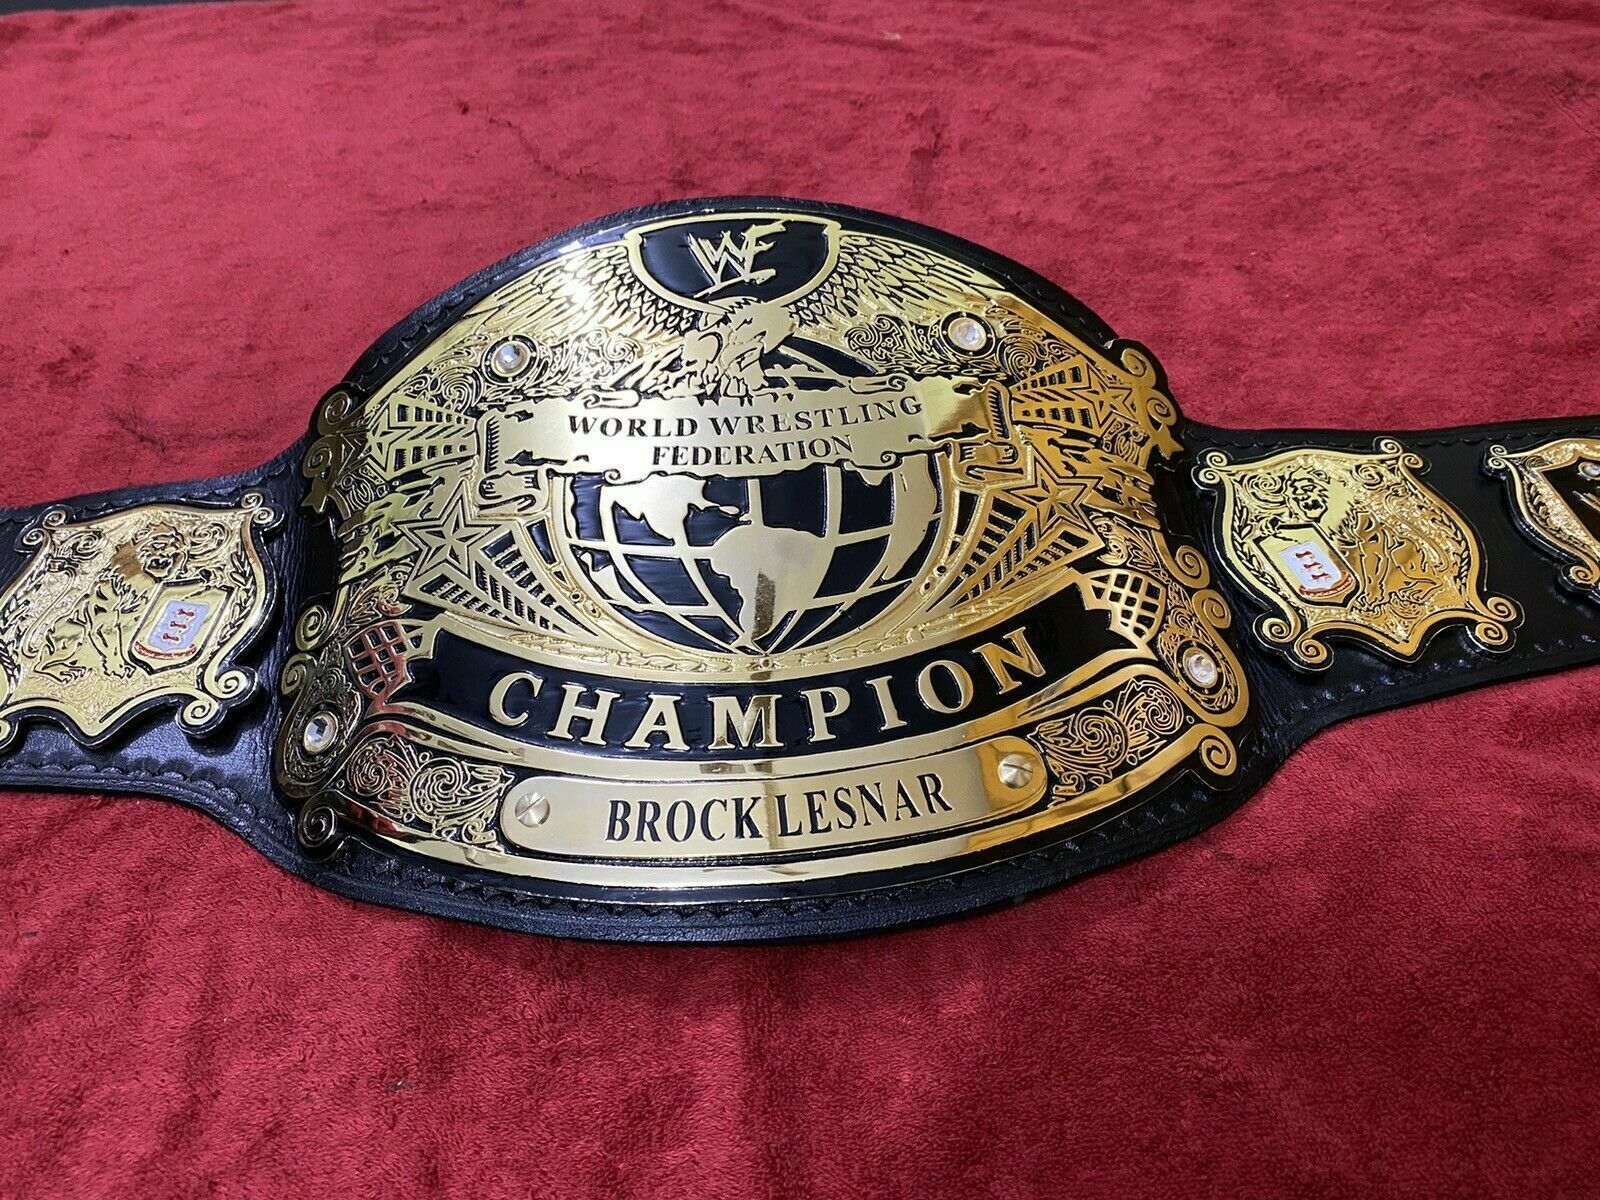 WWF Undisputed Championship Belt (version 1 Belt) - $325